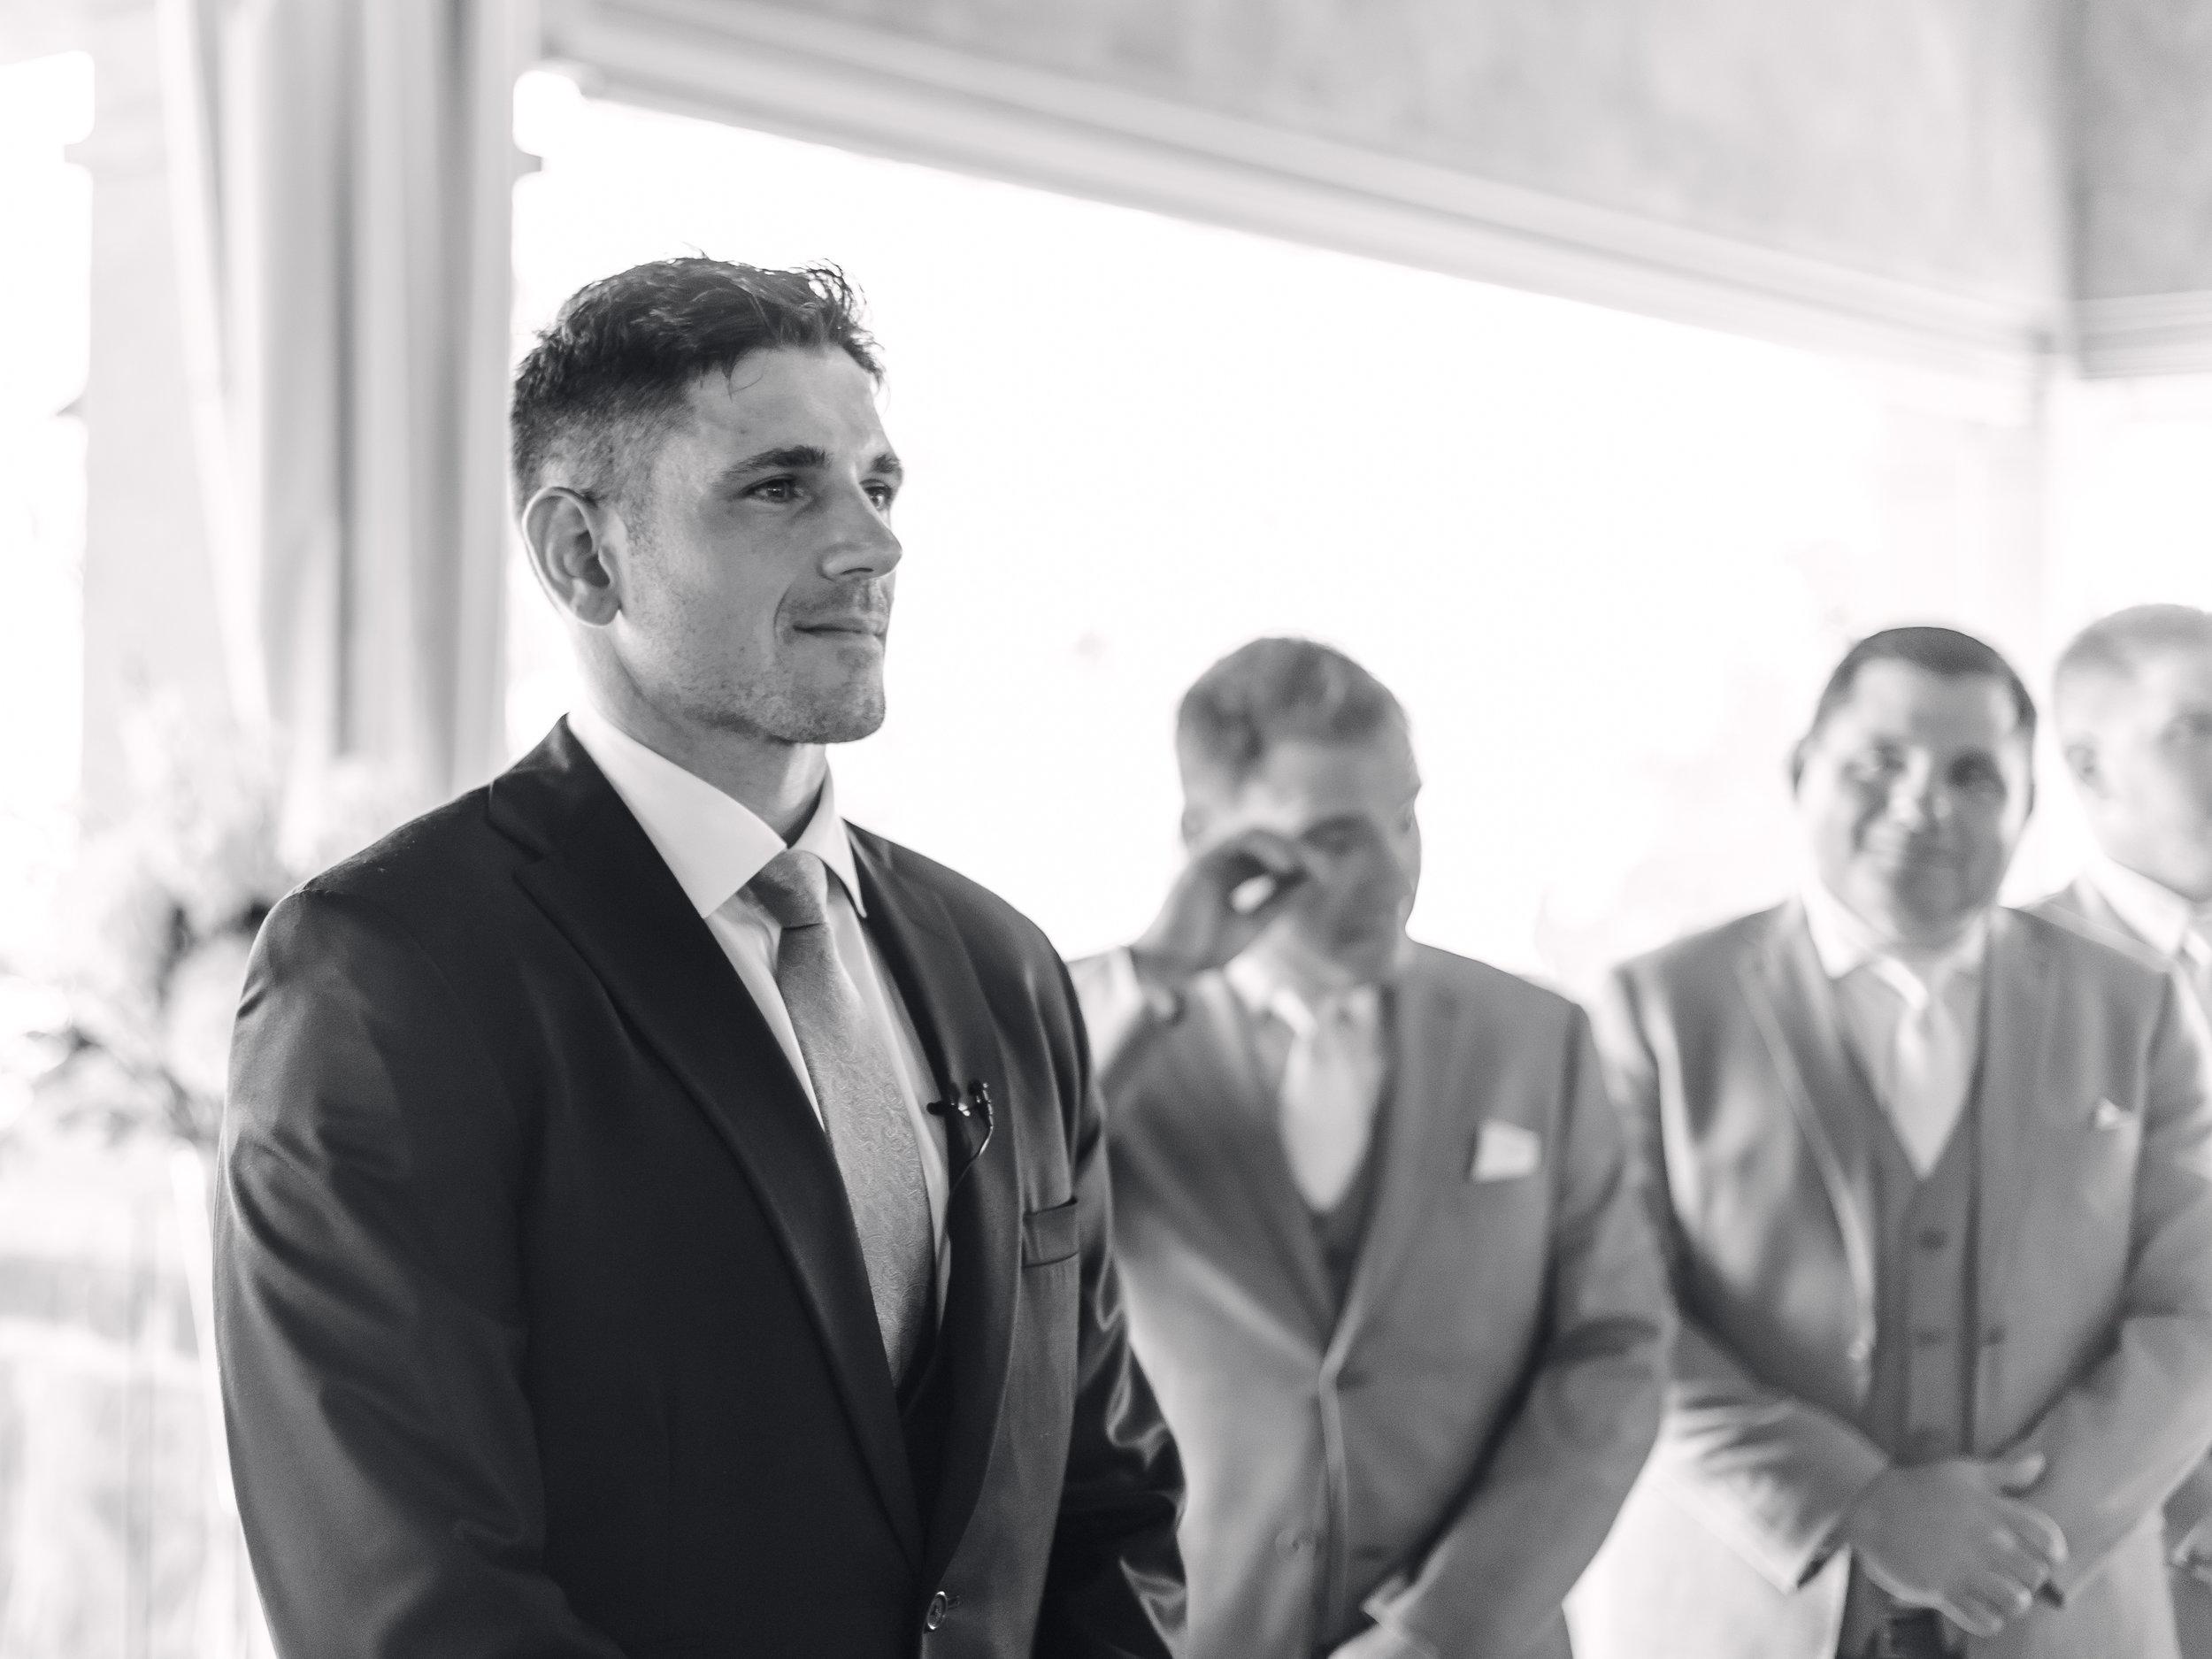 gervasi-winery-wedding-ohio-photography-10.jpg